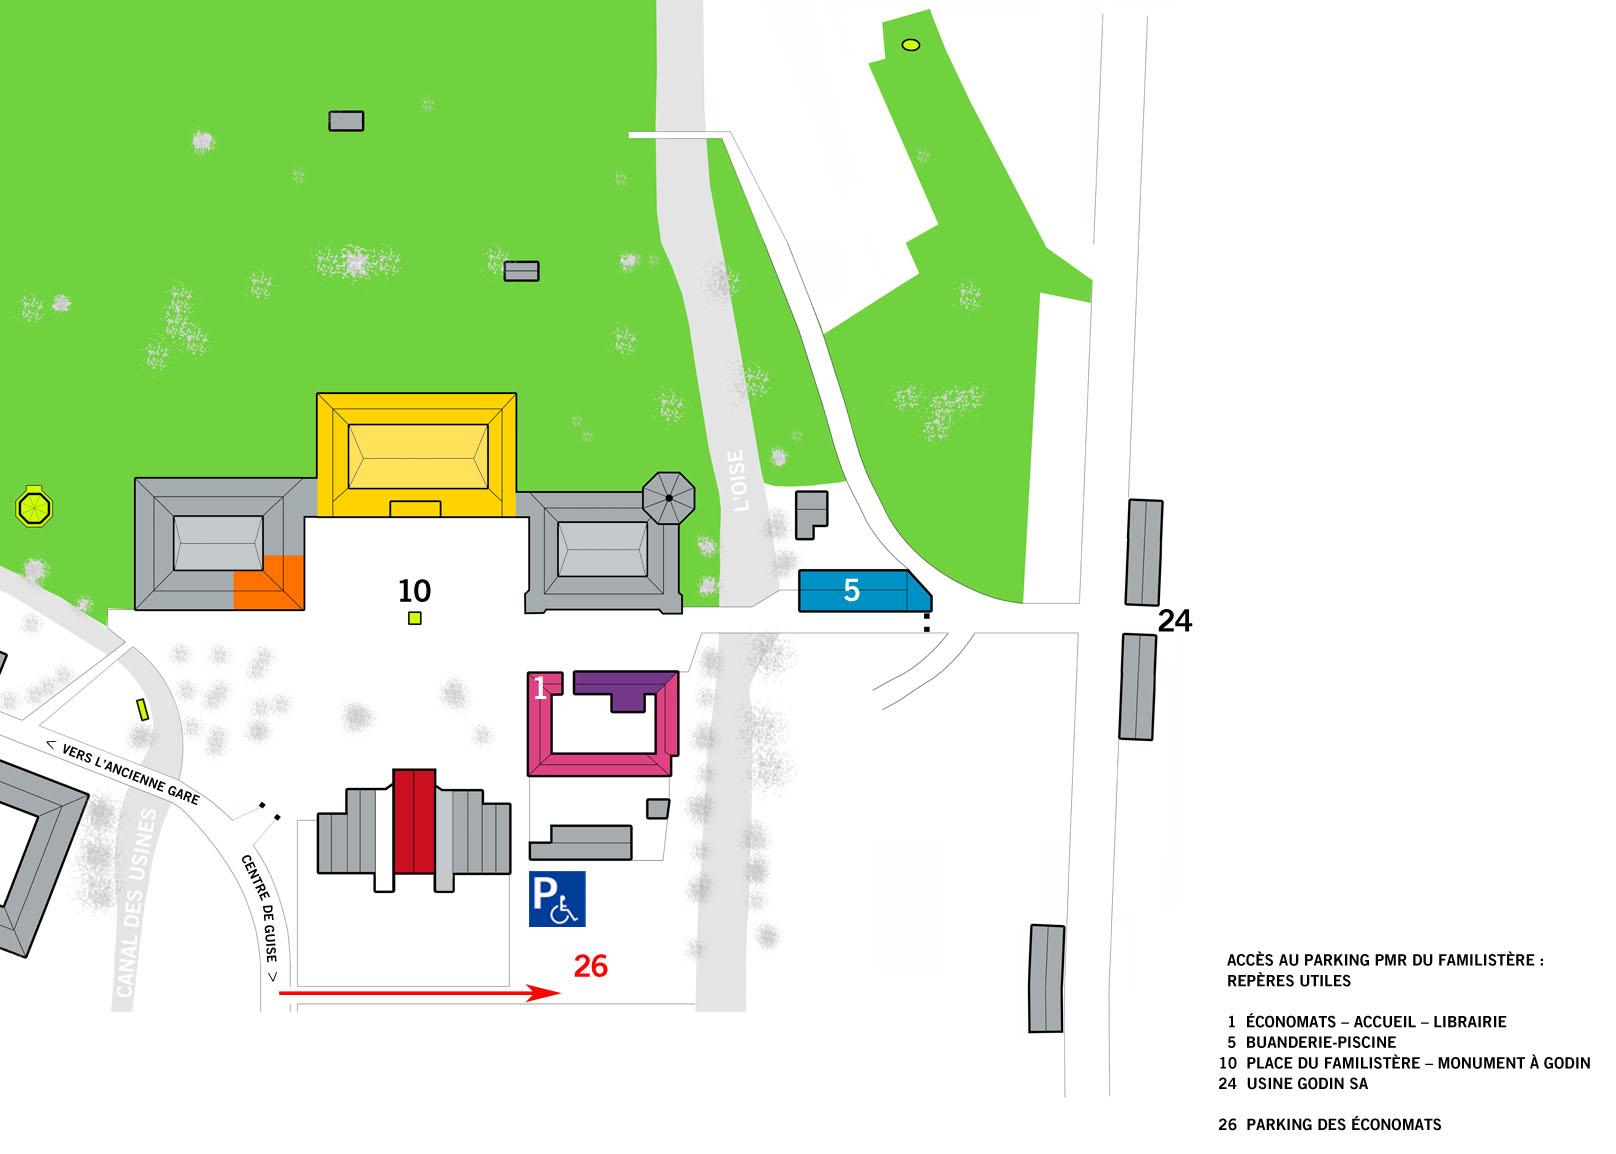 Le plan indique l'accès au parking PMR du Familistère.